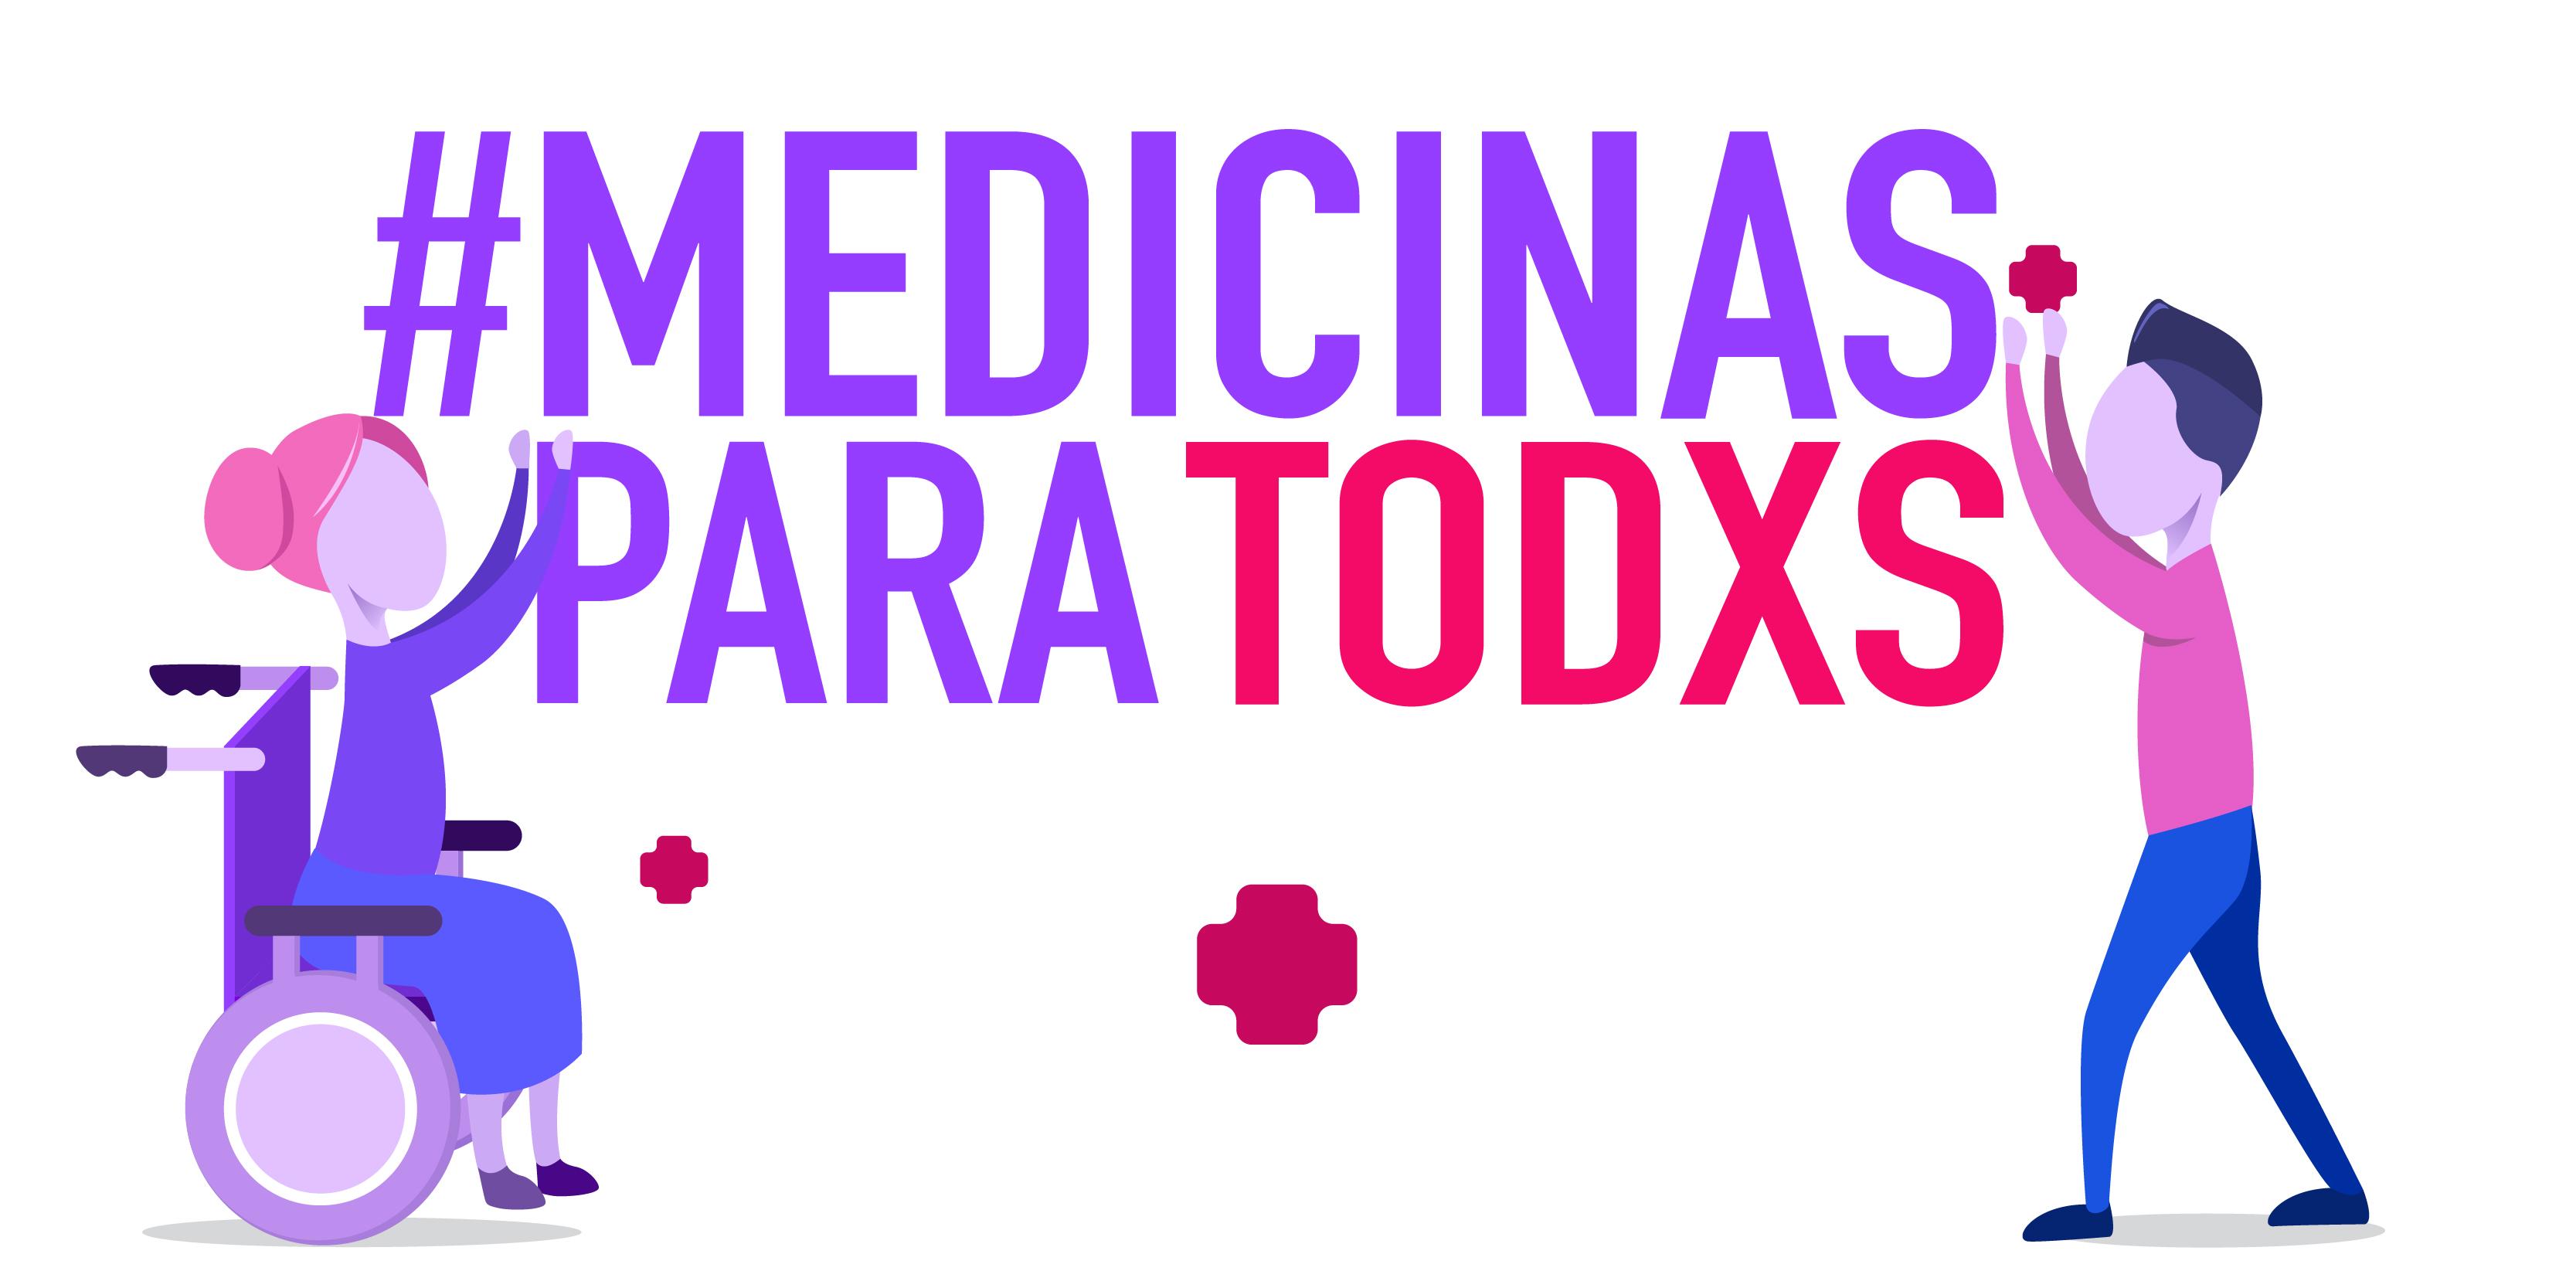 Medicinas para Todxs: un recuento